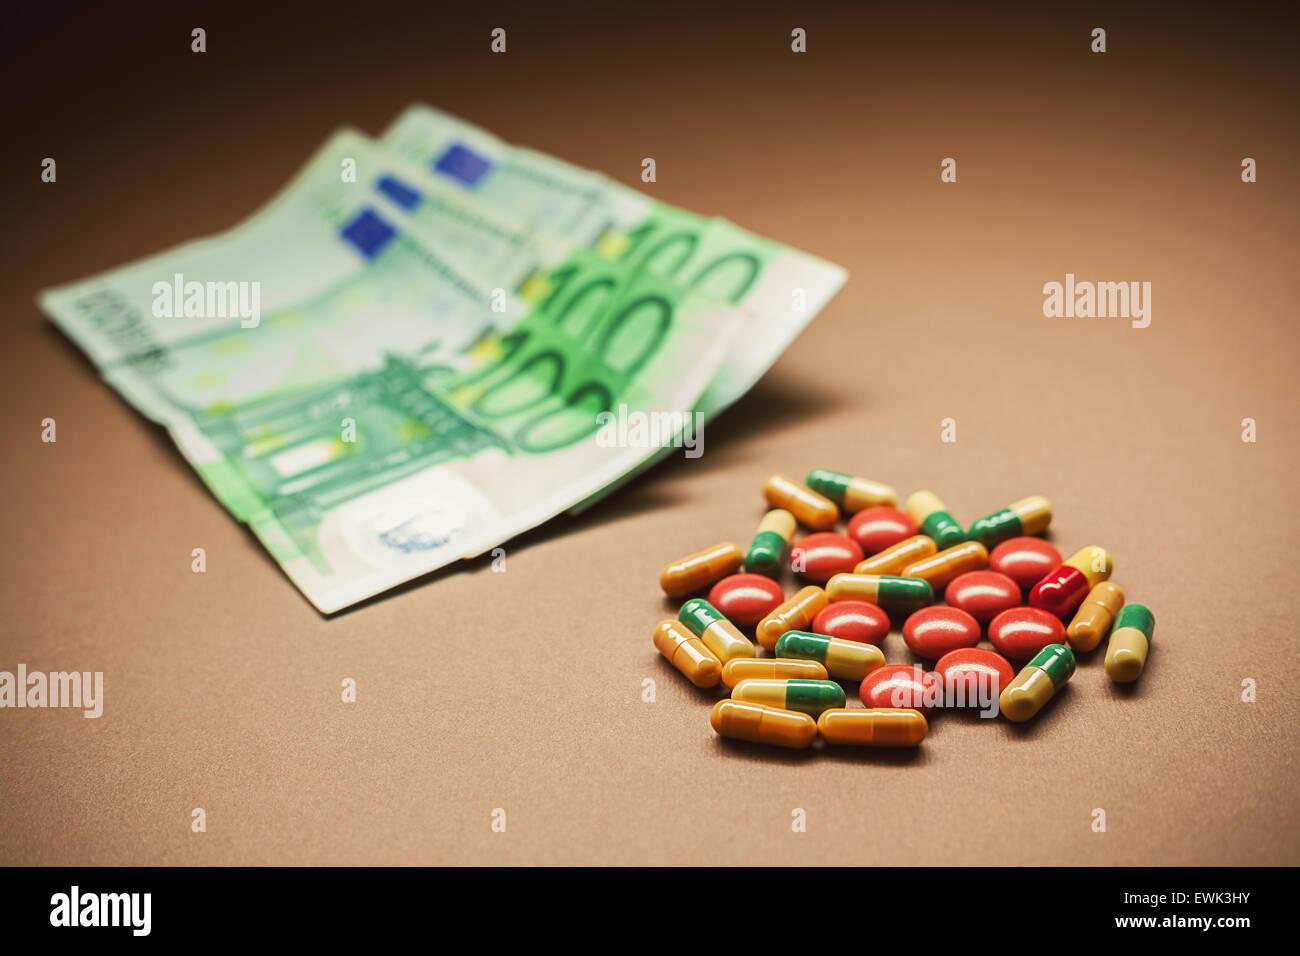 Konzeptuelle Komposition, ein Bedürfnis nach Heilung, Euro-Banknoten im unscharfen Hintergrund darstellt. Stockbild